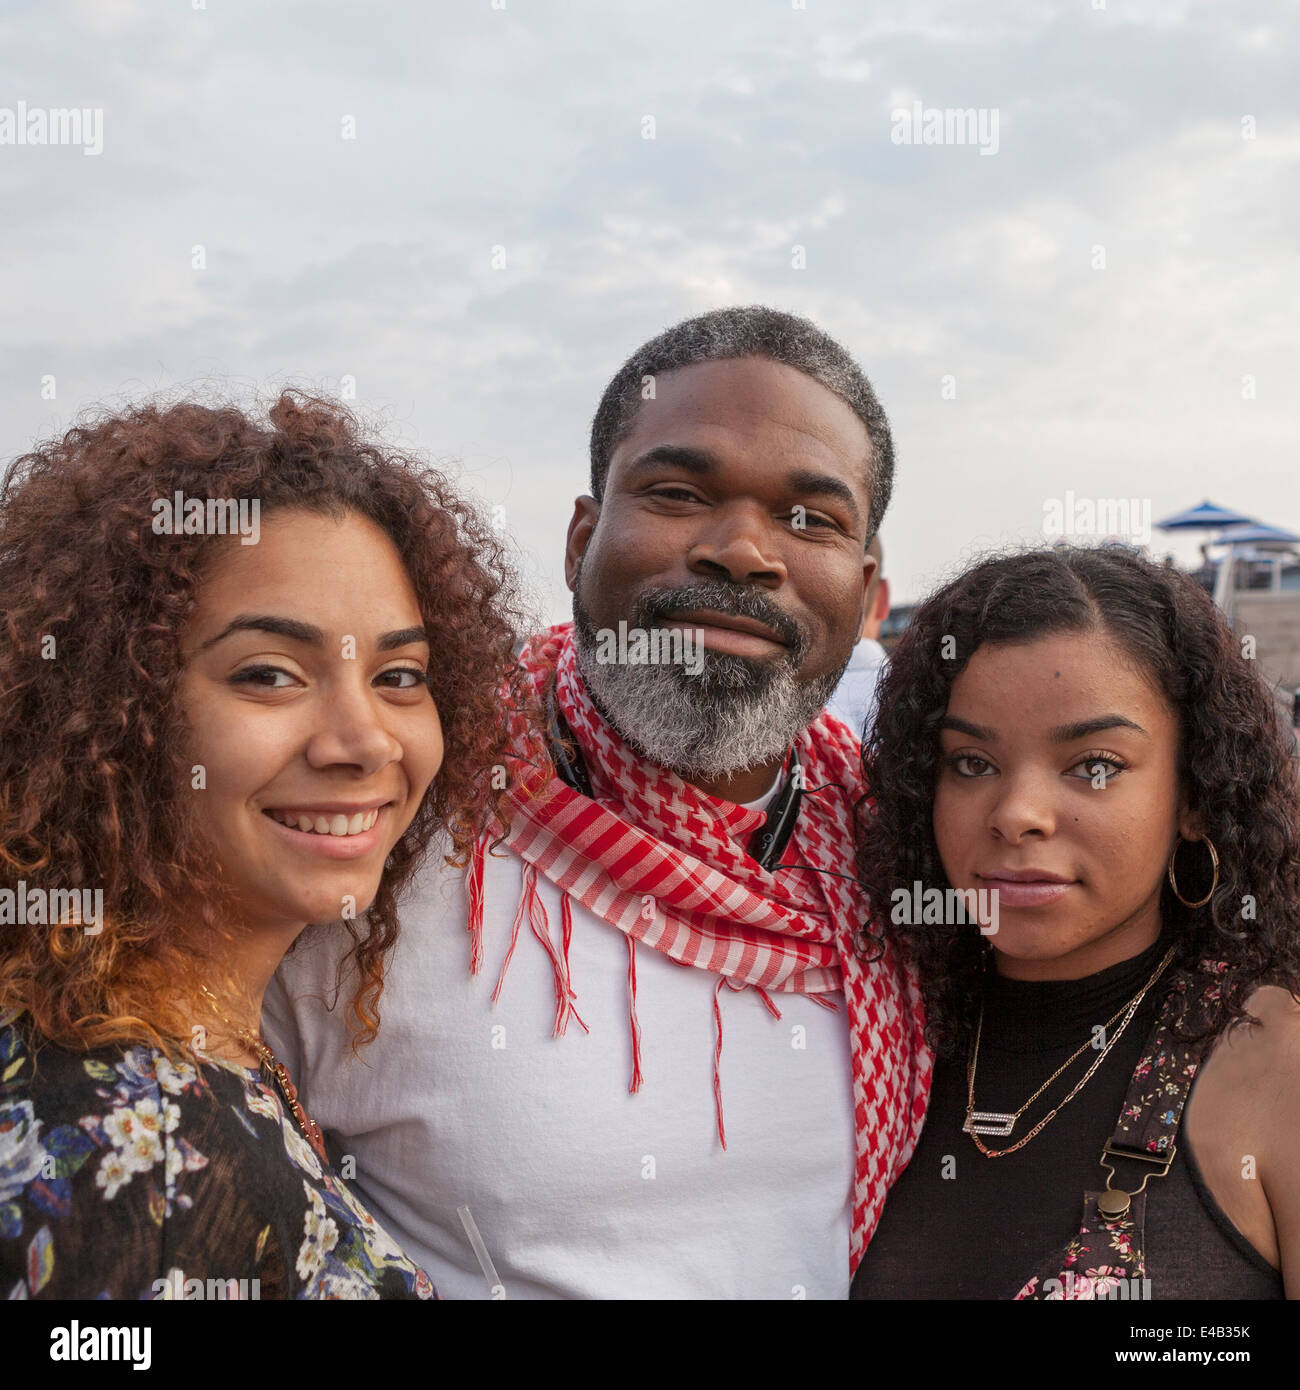 Soportes de un padre con sus dos hijas en el Summerfest, un festival anual de música celebrado en Milwaukee, Wisconsin, Foto de stock